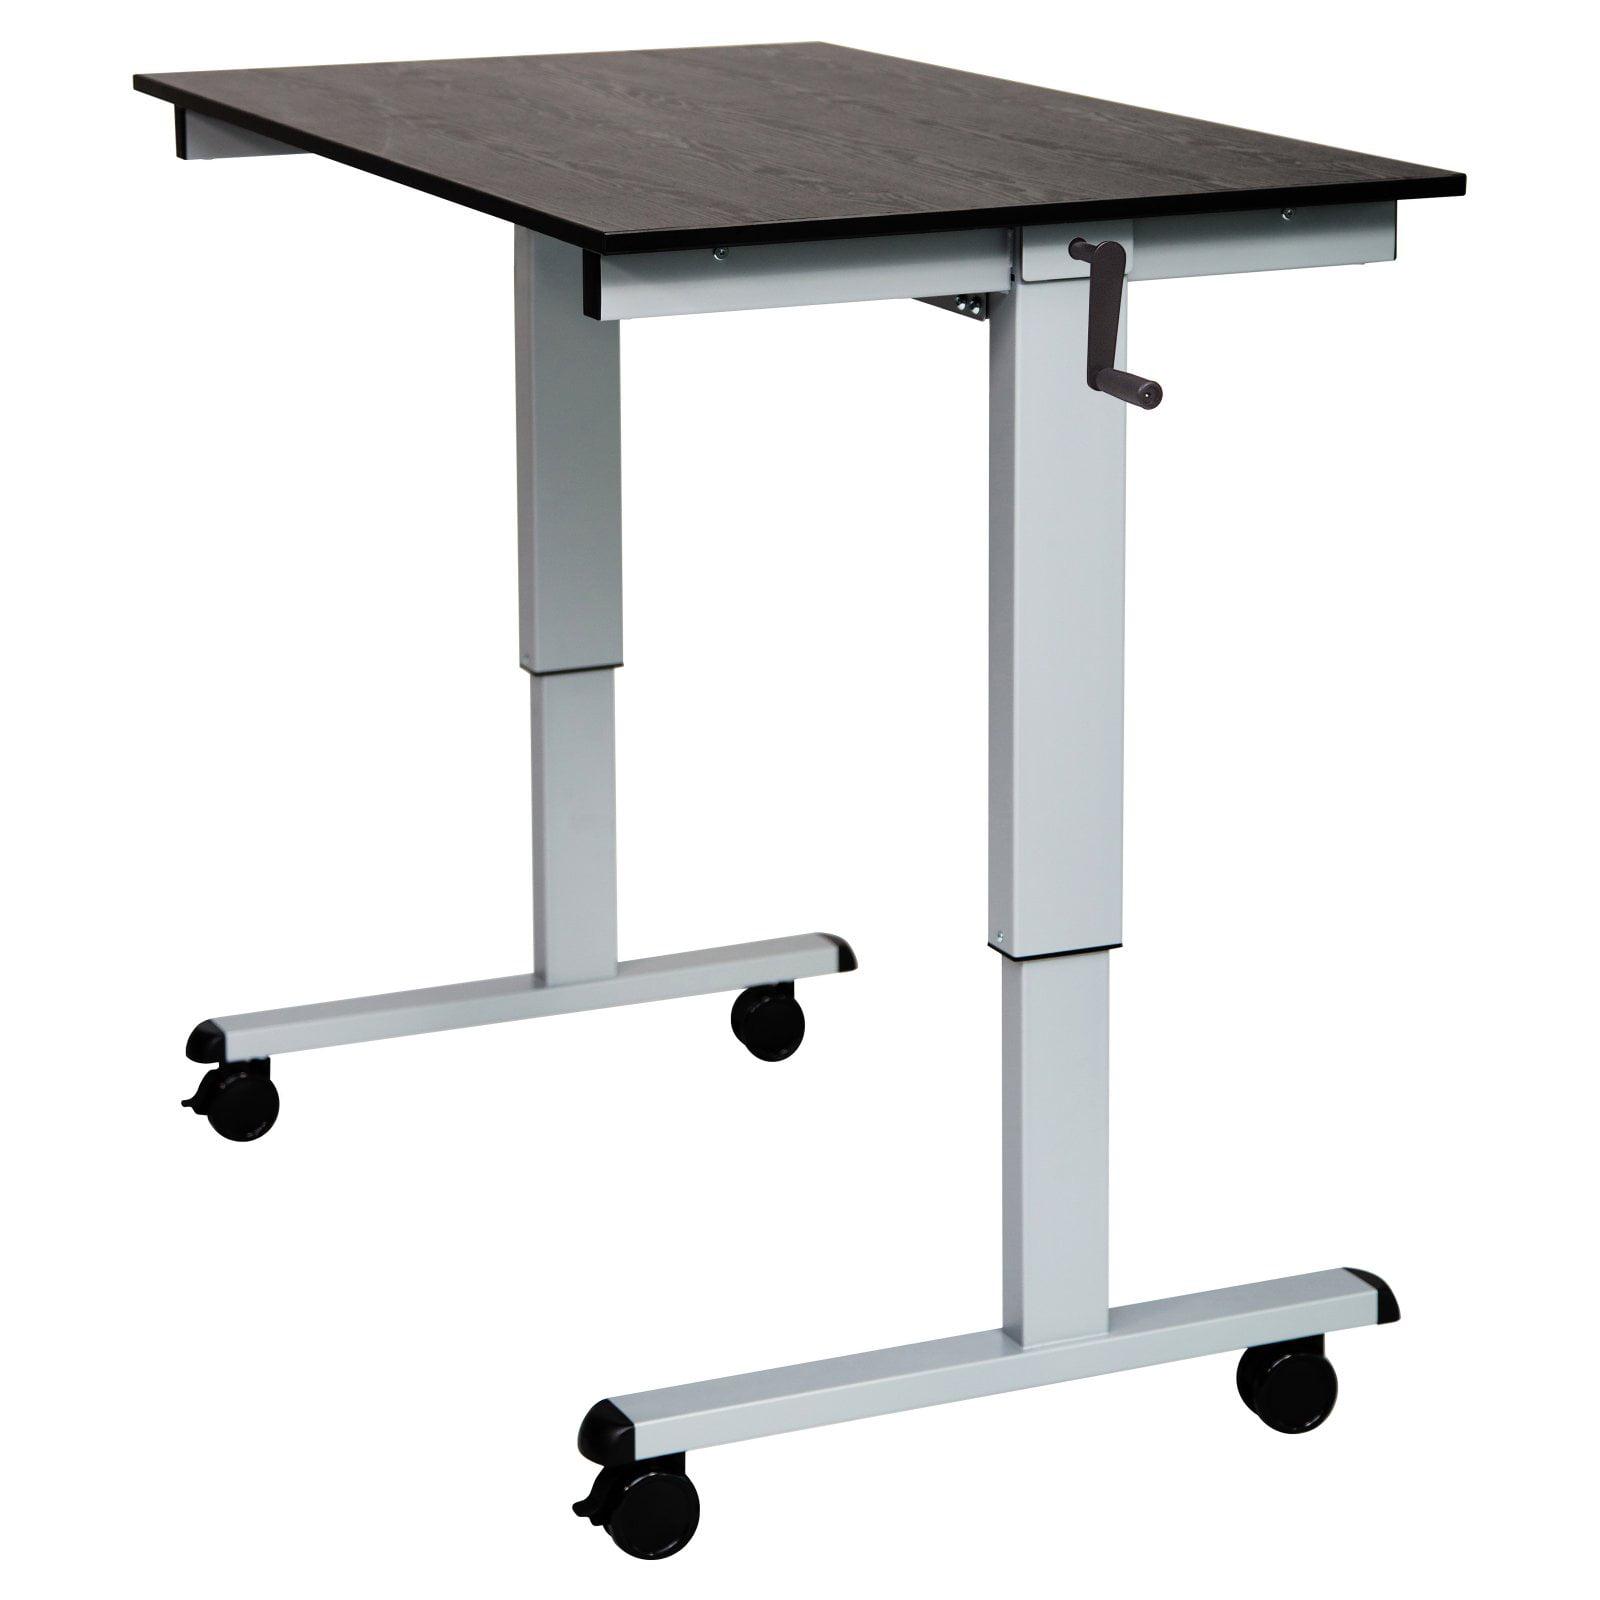 Luxor Crank Adjustable Standing Desk